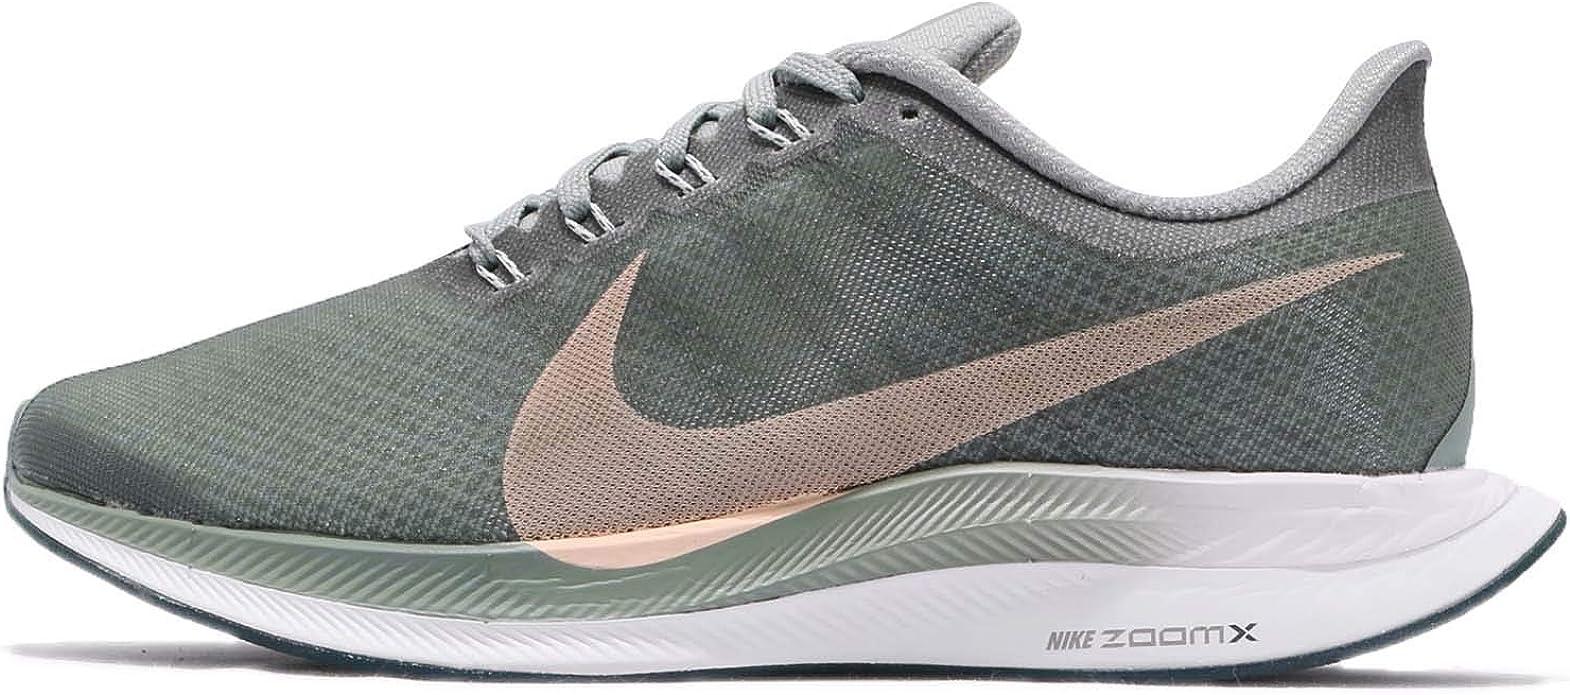 Nike Women's Training Shoes